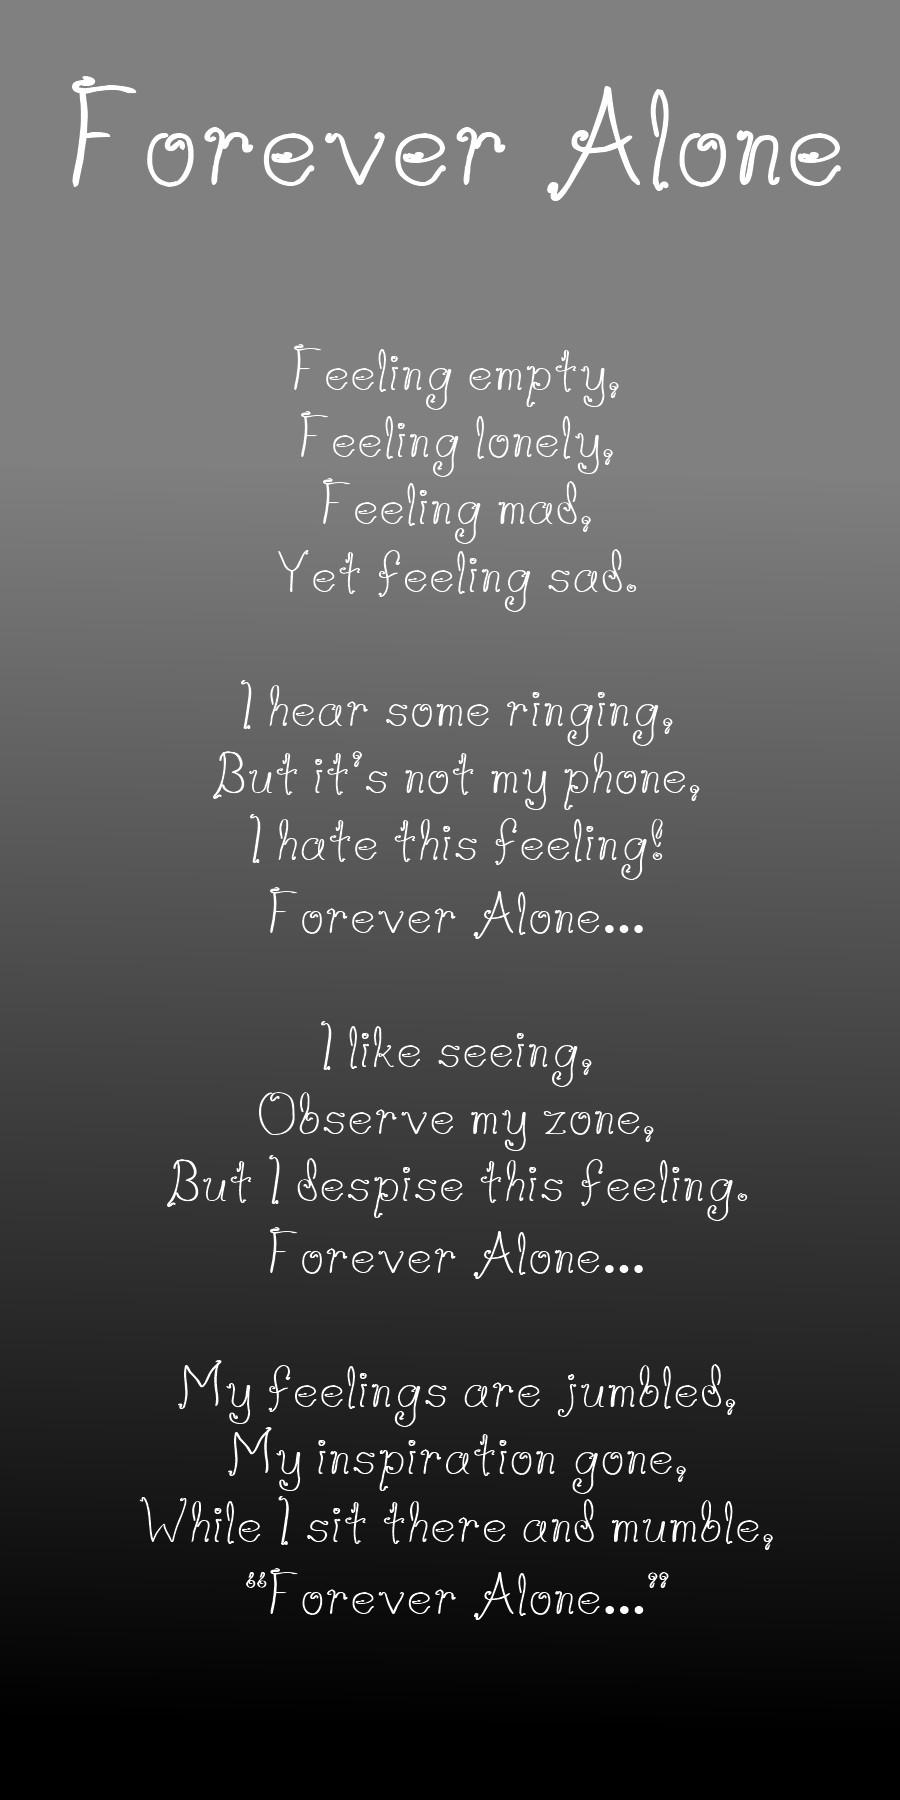 Alone Quotes Sad  Forever Alone Sad Quotes QuotesGram